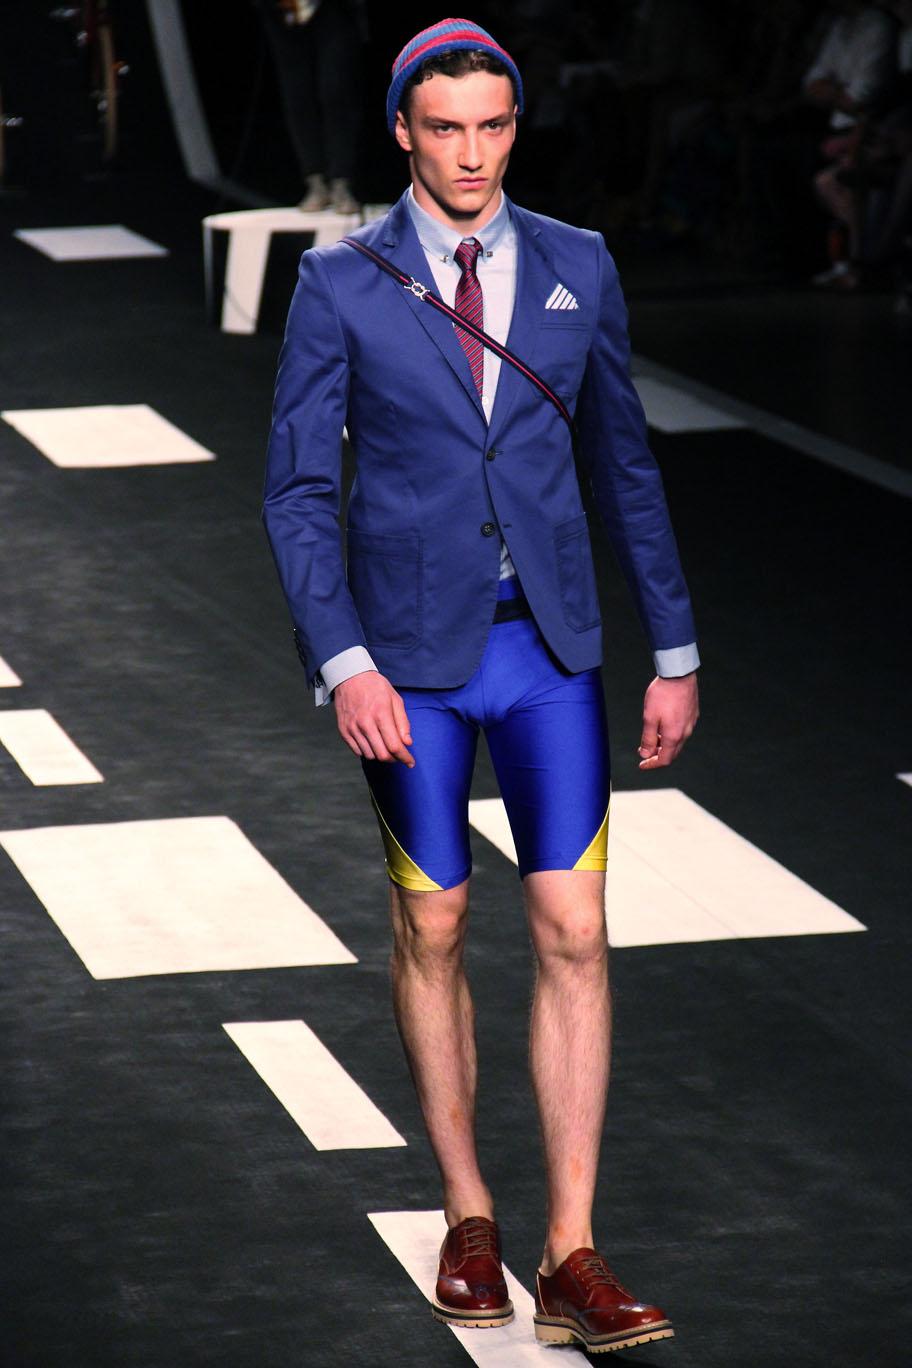 frankie-morello-spring-summer-2012-men-collection-milano-fashion-week-2012-frankie-morello-primavera-estate-frankie-morello-fashion-show-catwalk-2012